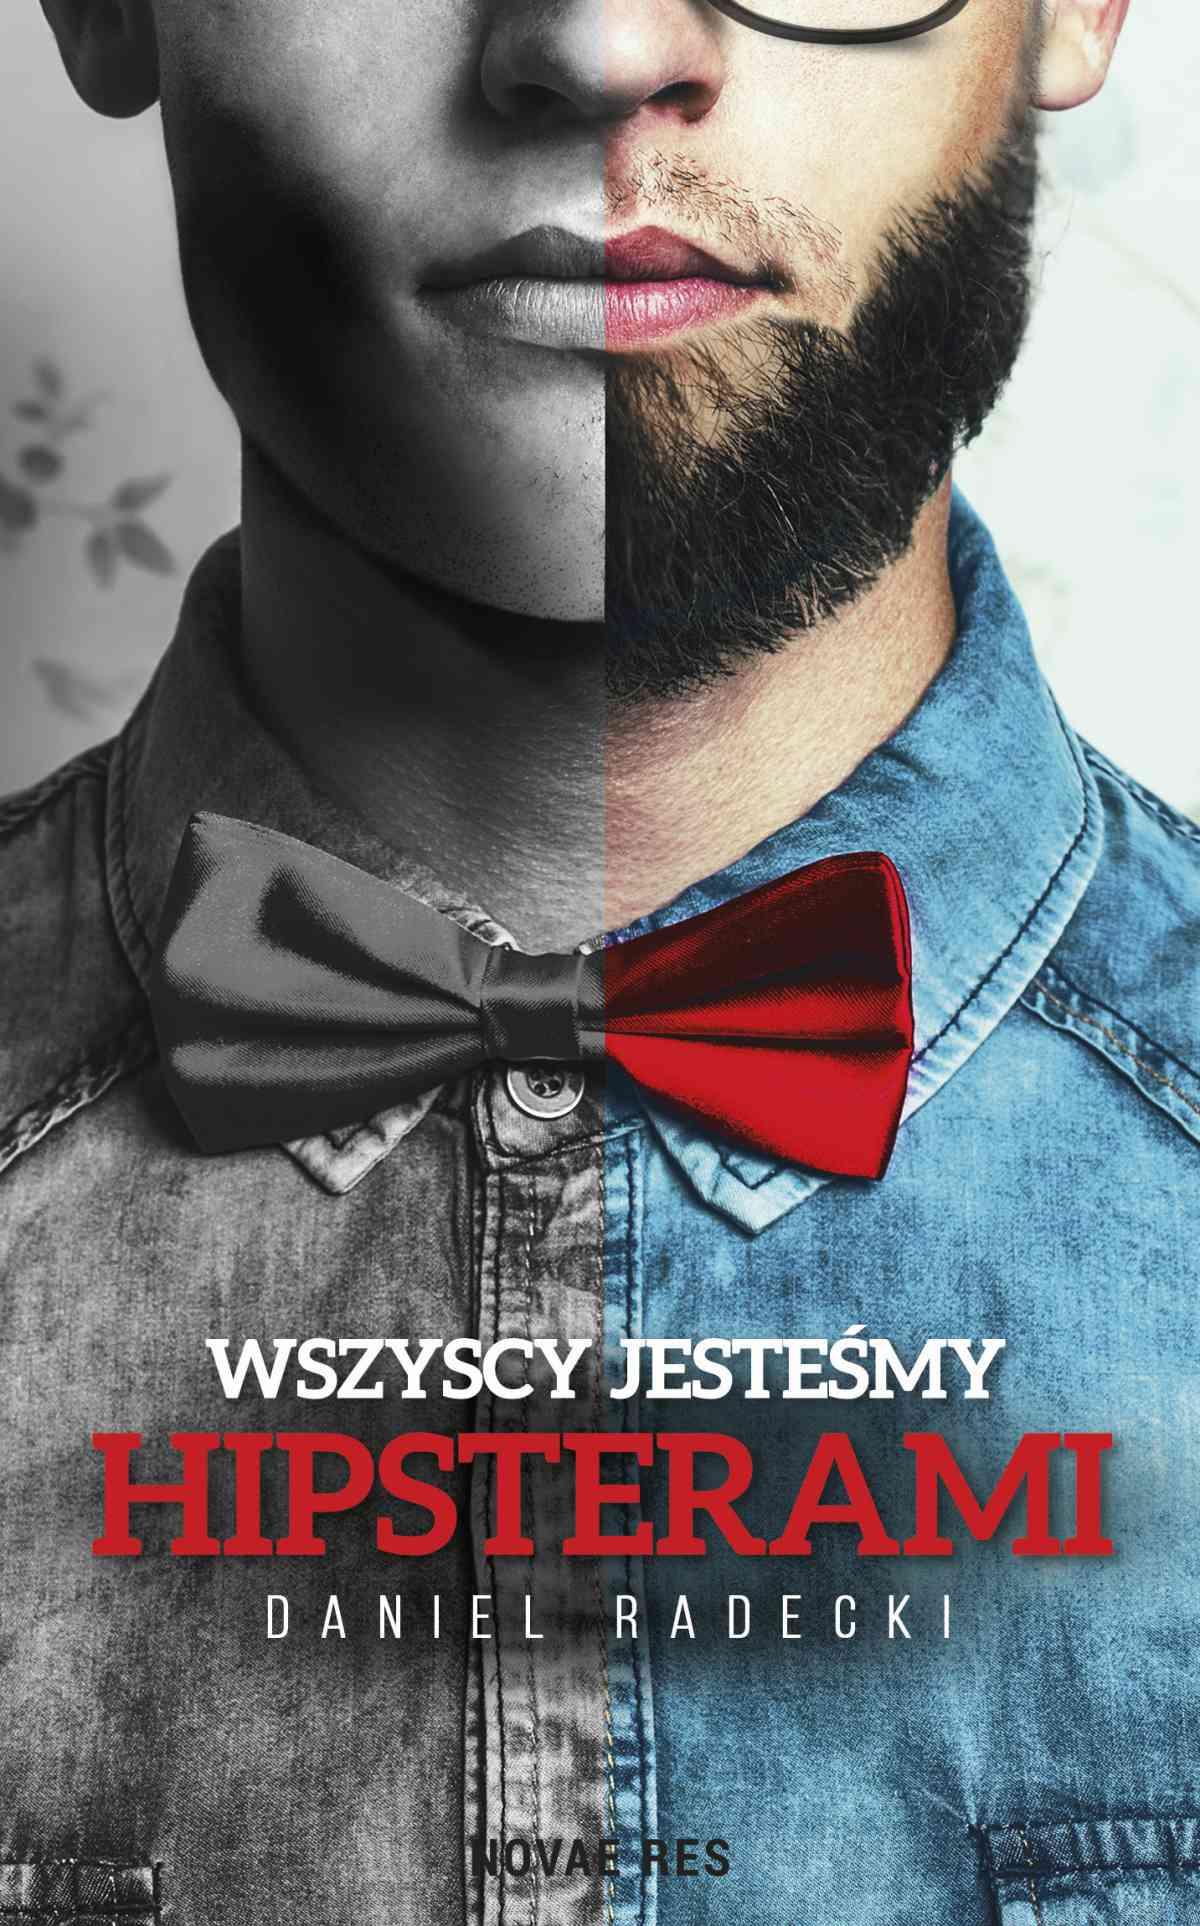 Wszyscy jesteśmy hipsterami - Ebook (Książka EPUB) do pobrania w formacie EPUB